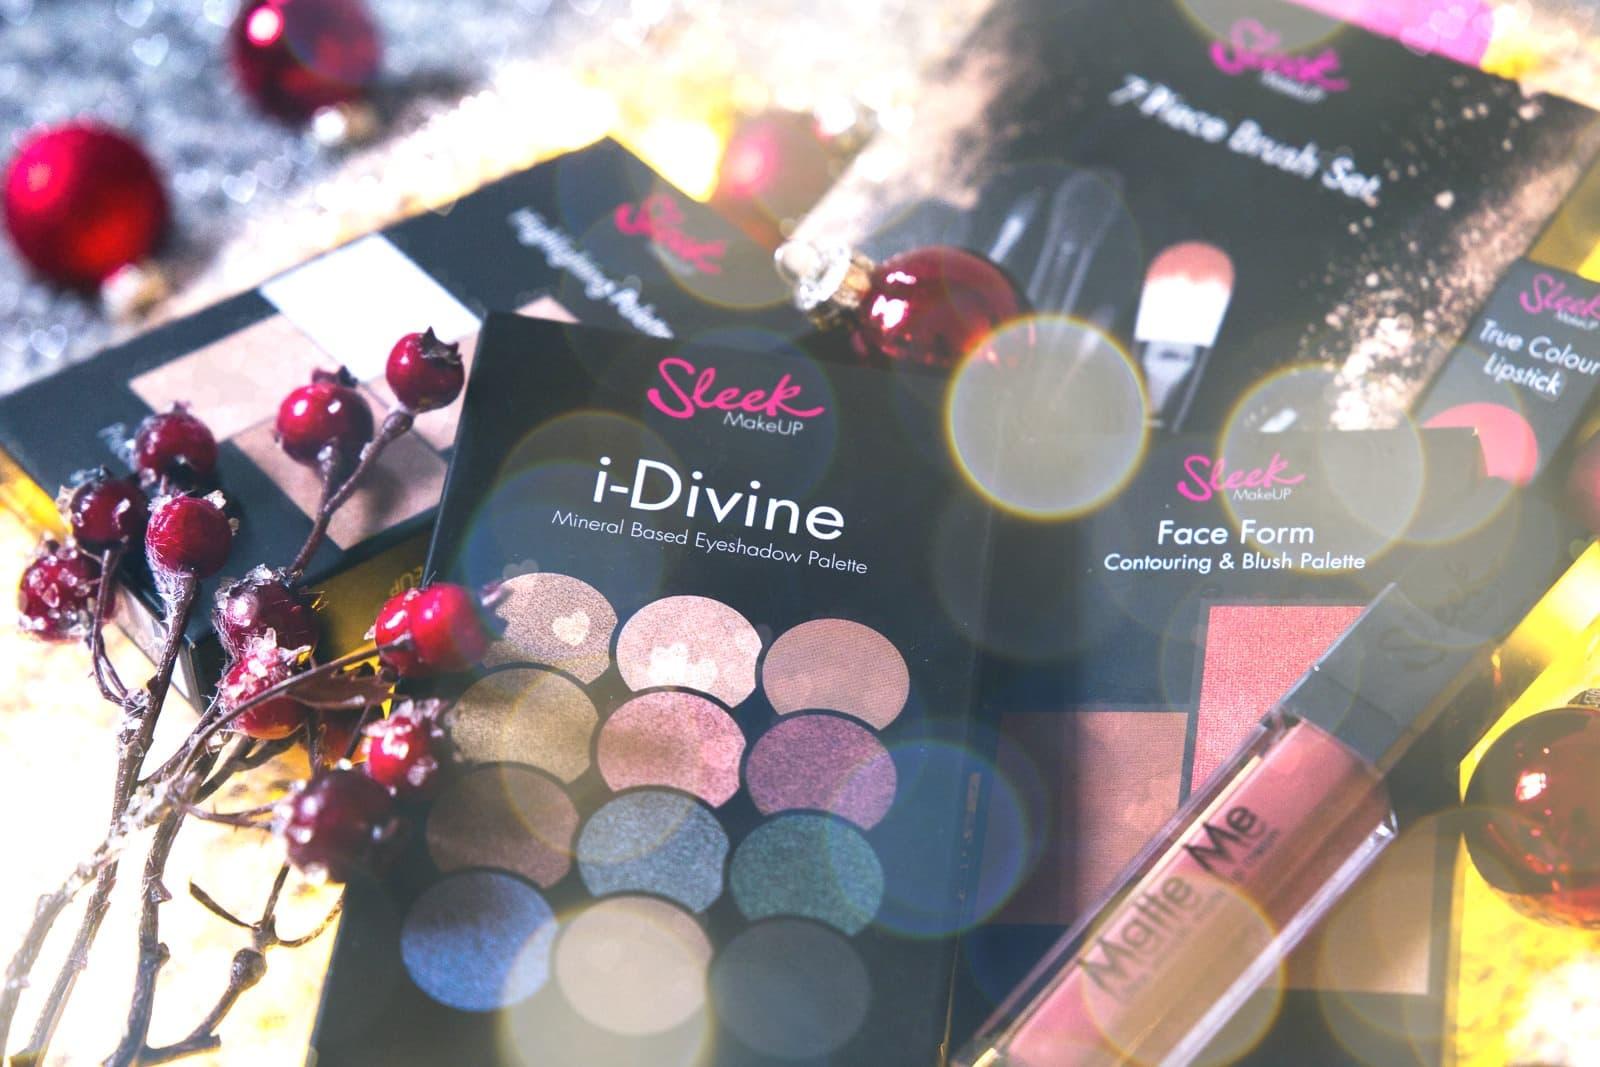 Türchen 14: Gewinne die Highlights von Sleek MakeUP